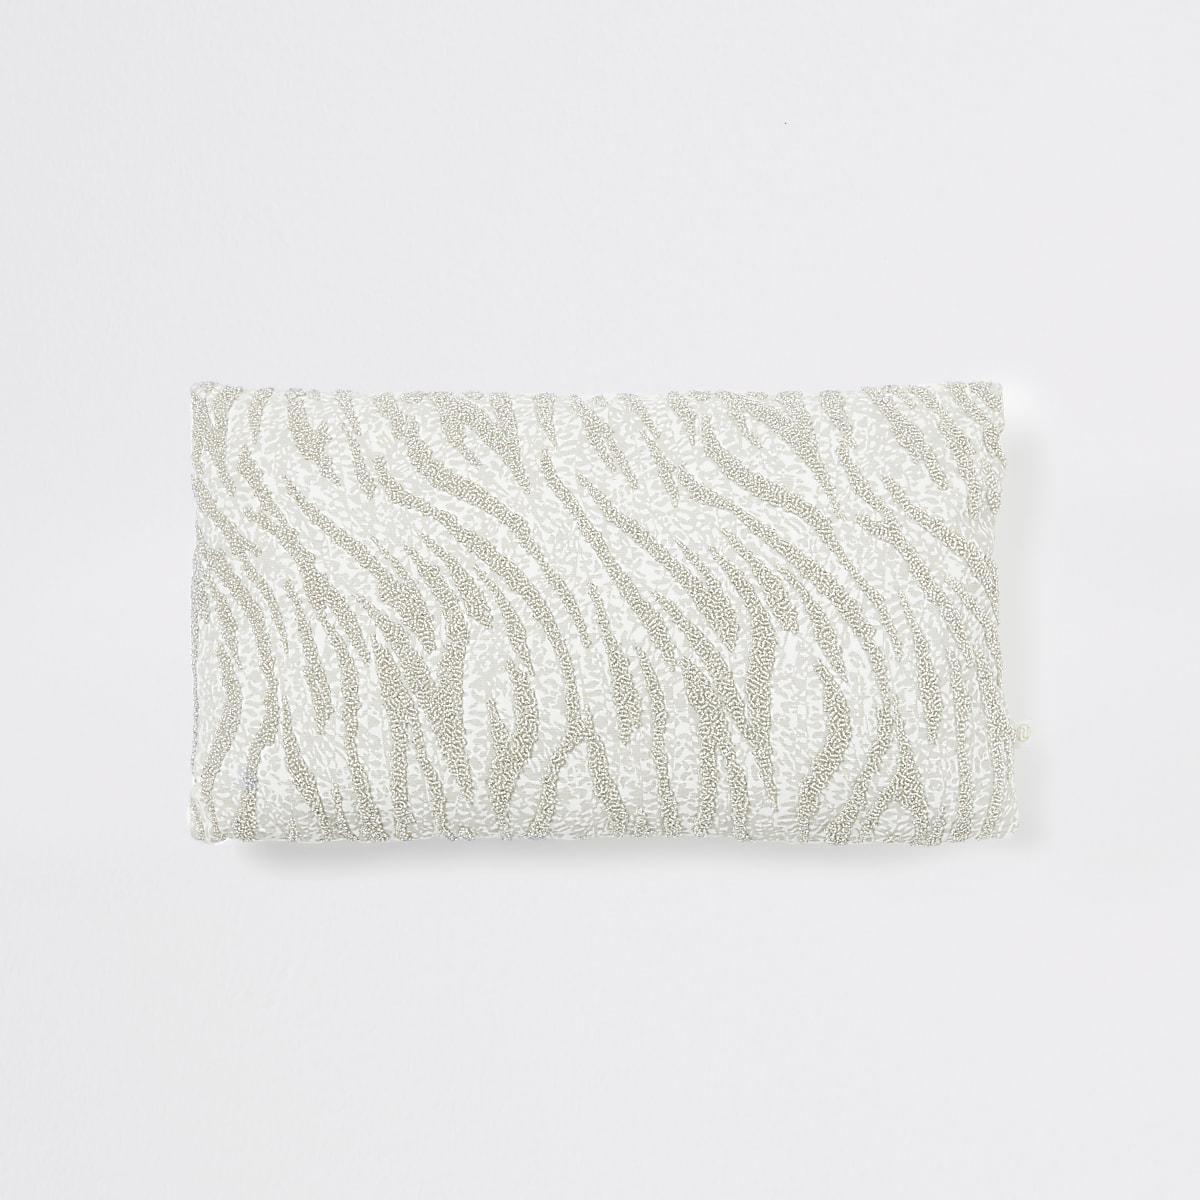 Zilverkeurig kussen met zebraprint en kralenborduursel